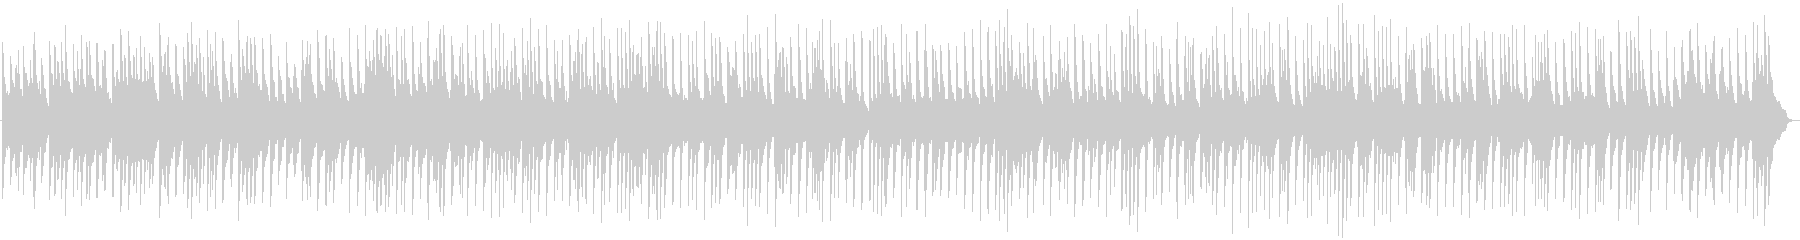 切なく美しいピアノによるバラードBGMの未再生の波形